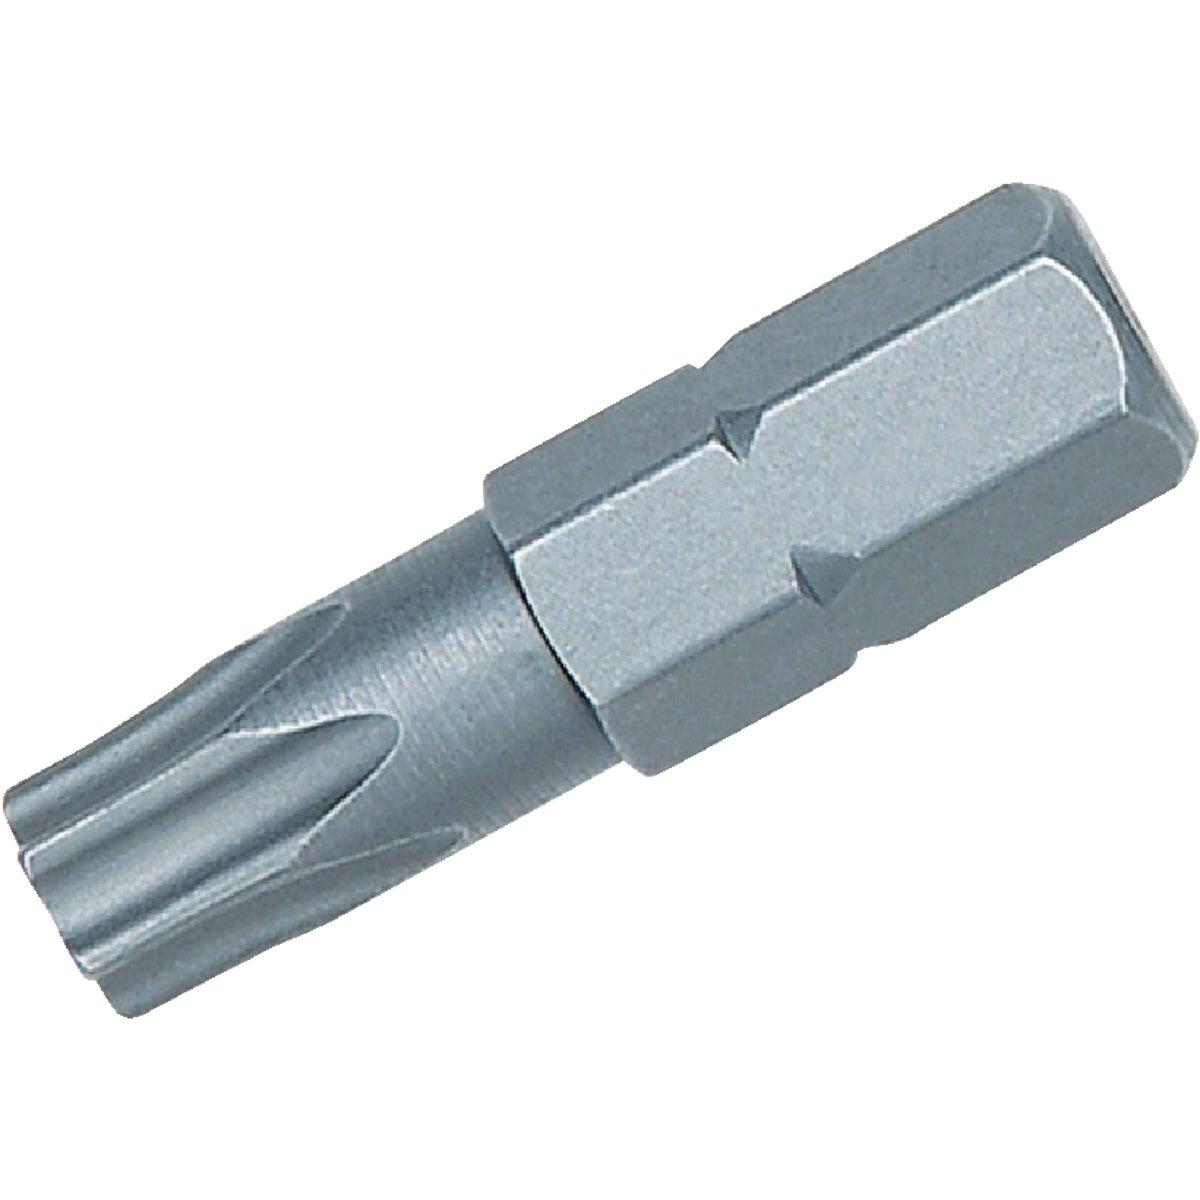 """1"""" T20 TORX TMPR PRF BIT - 3053025 by Irwin Industr Tool"""